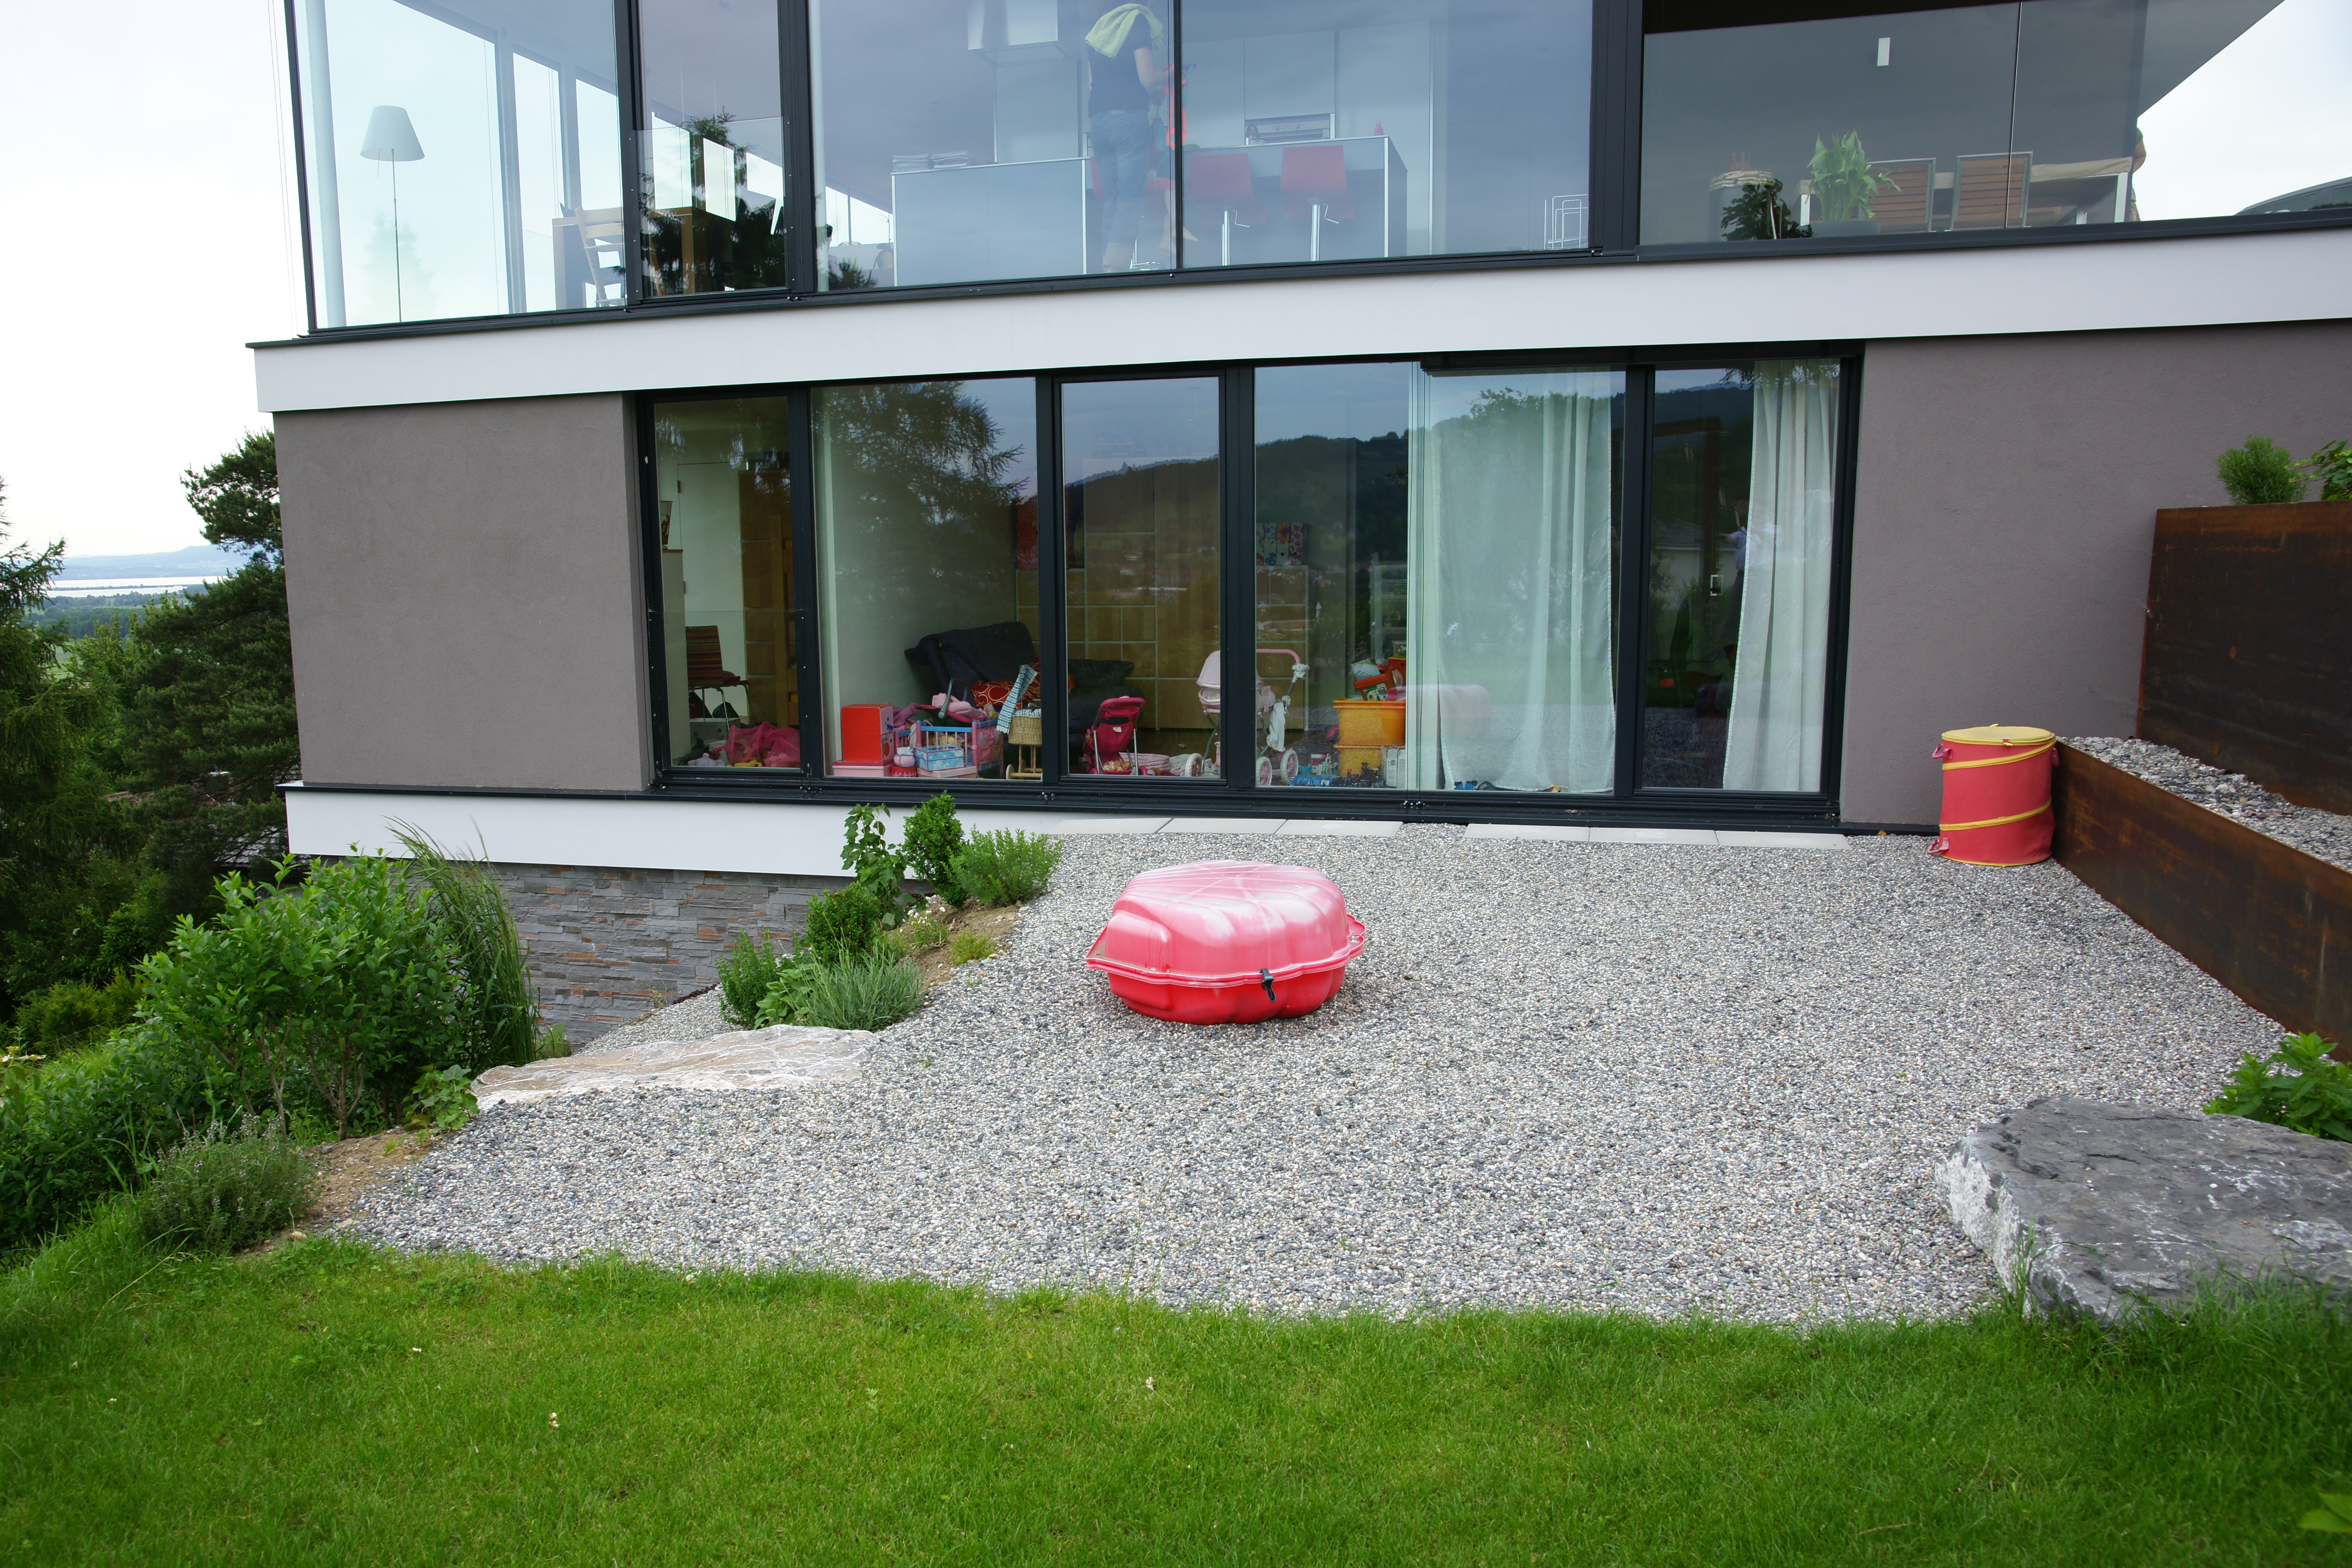 hausfassaden modern interior design und m bel ideen. Black Bedroom Furniture Sets. Home Design Ideas